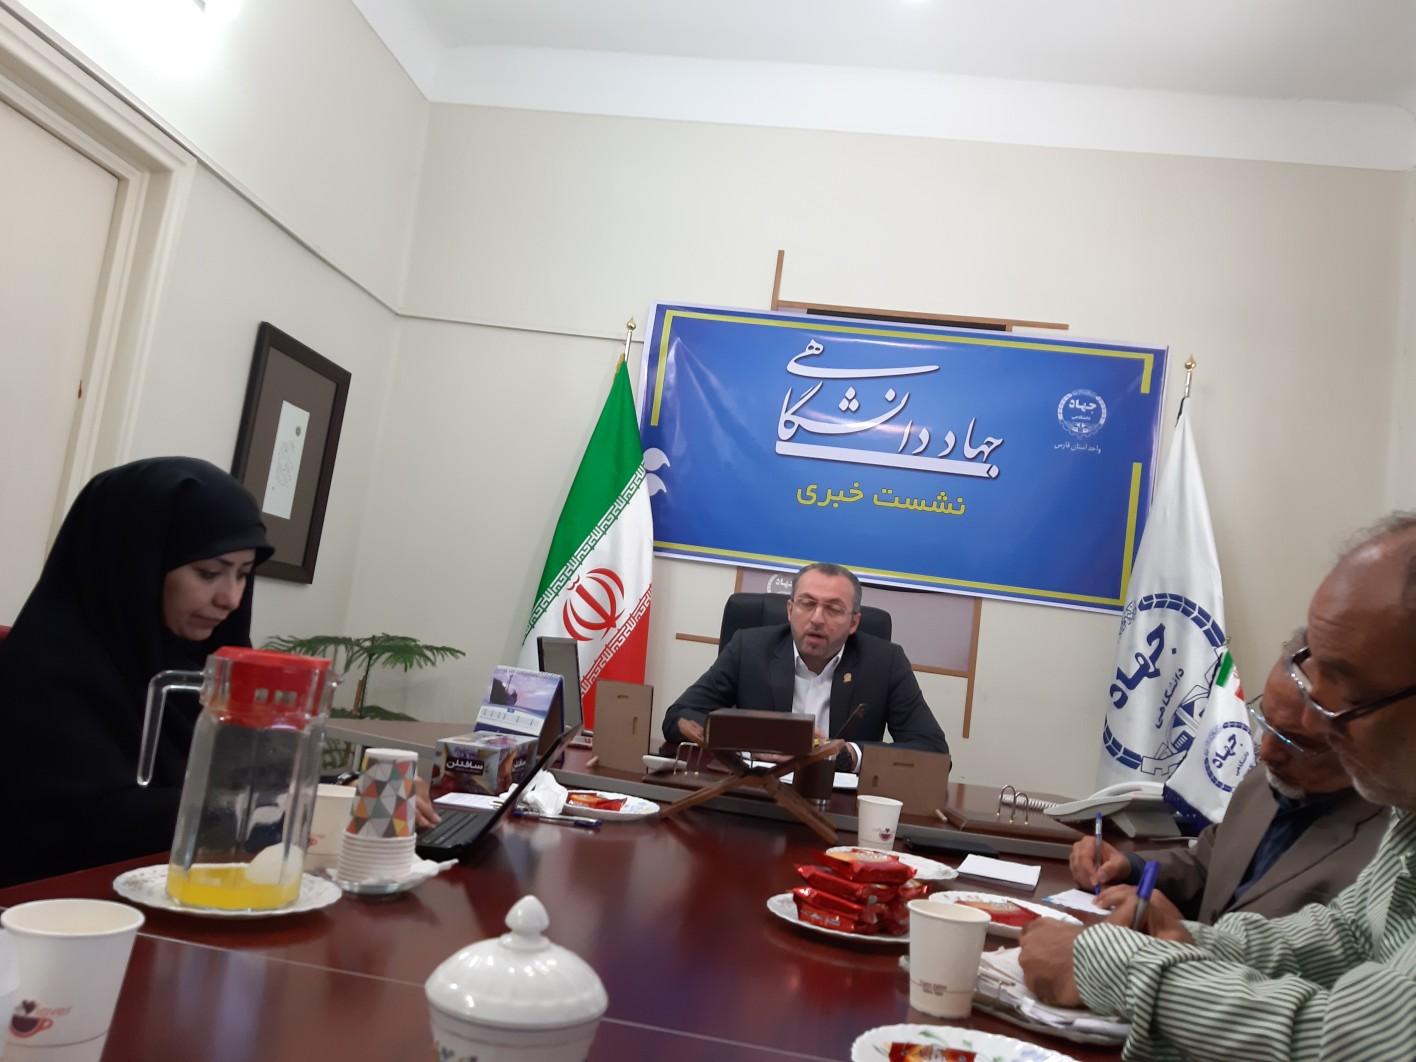 پارک علوم و فناوری نرم و صنایع دستی نیز به زودی در شیراز راهاندازی میشود